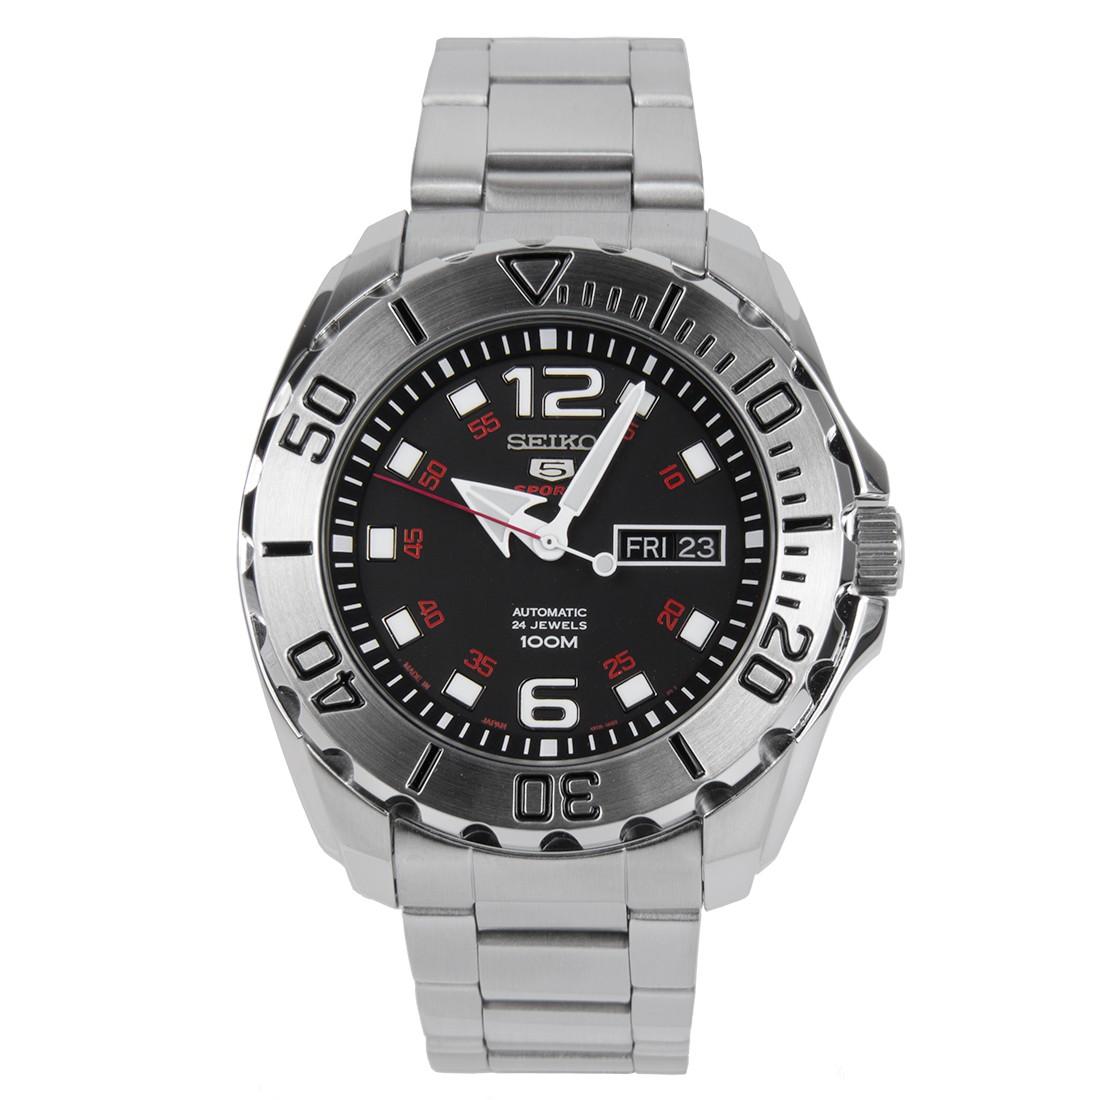 นาฬิกาข้อมือ Seiko 5 Sports Automatic (New Baby Monster) SRPB33J1 (Made in Japan)